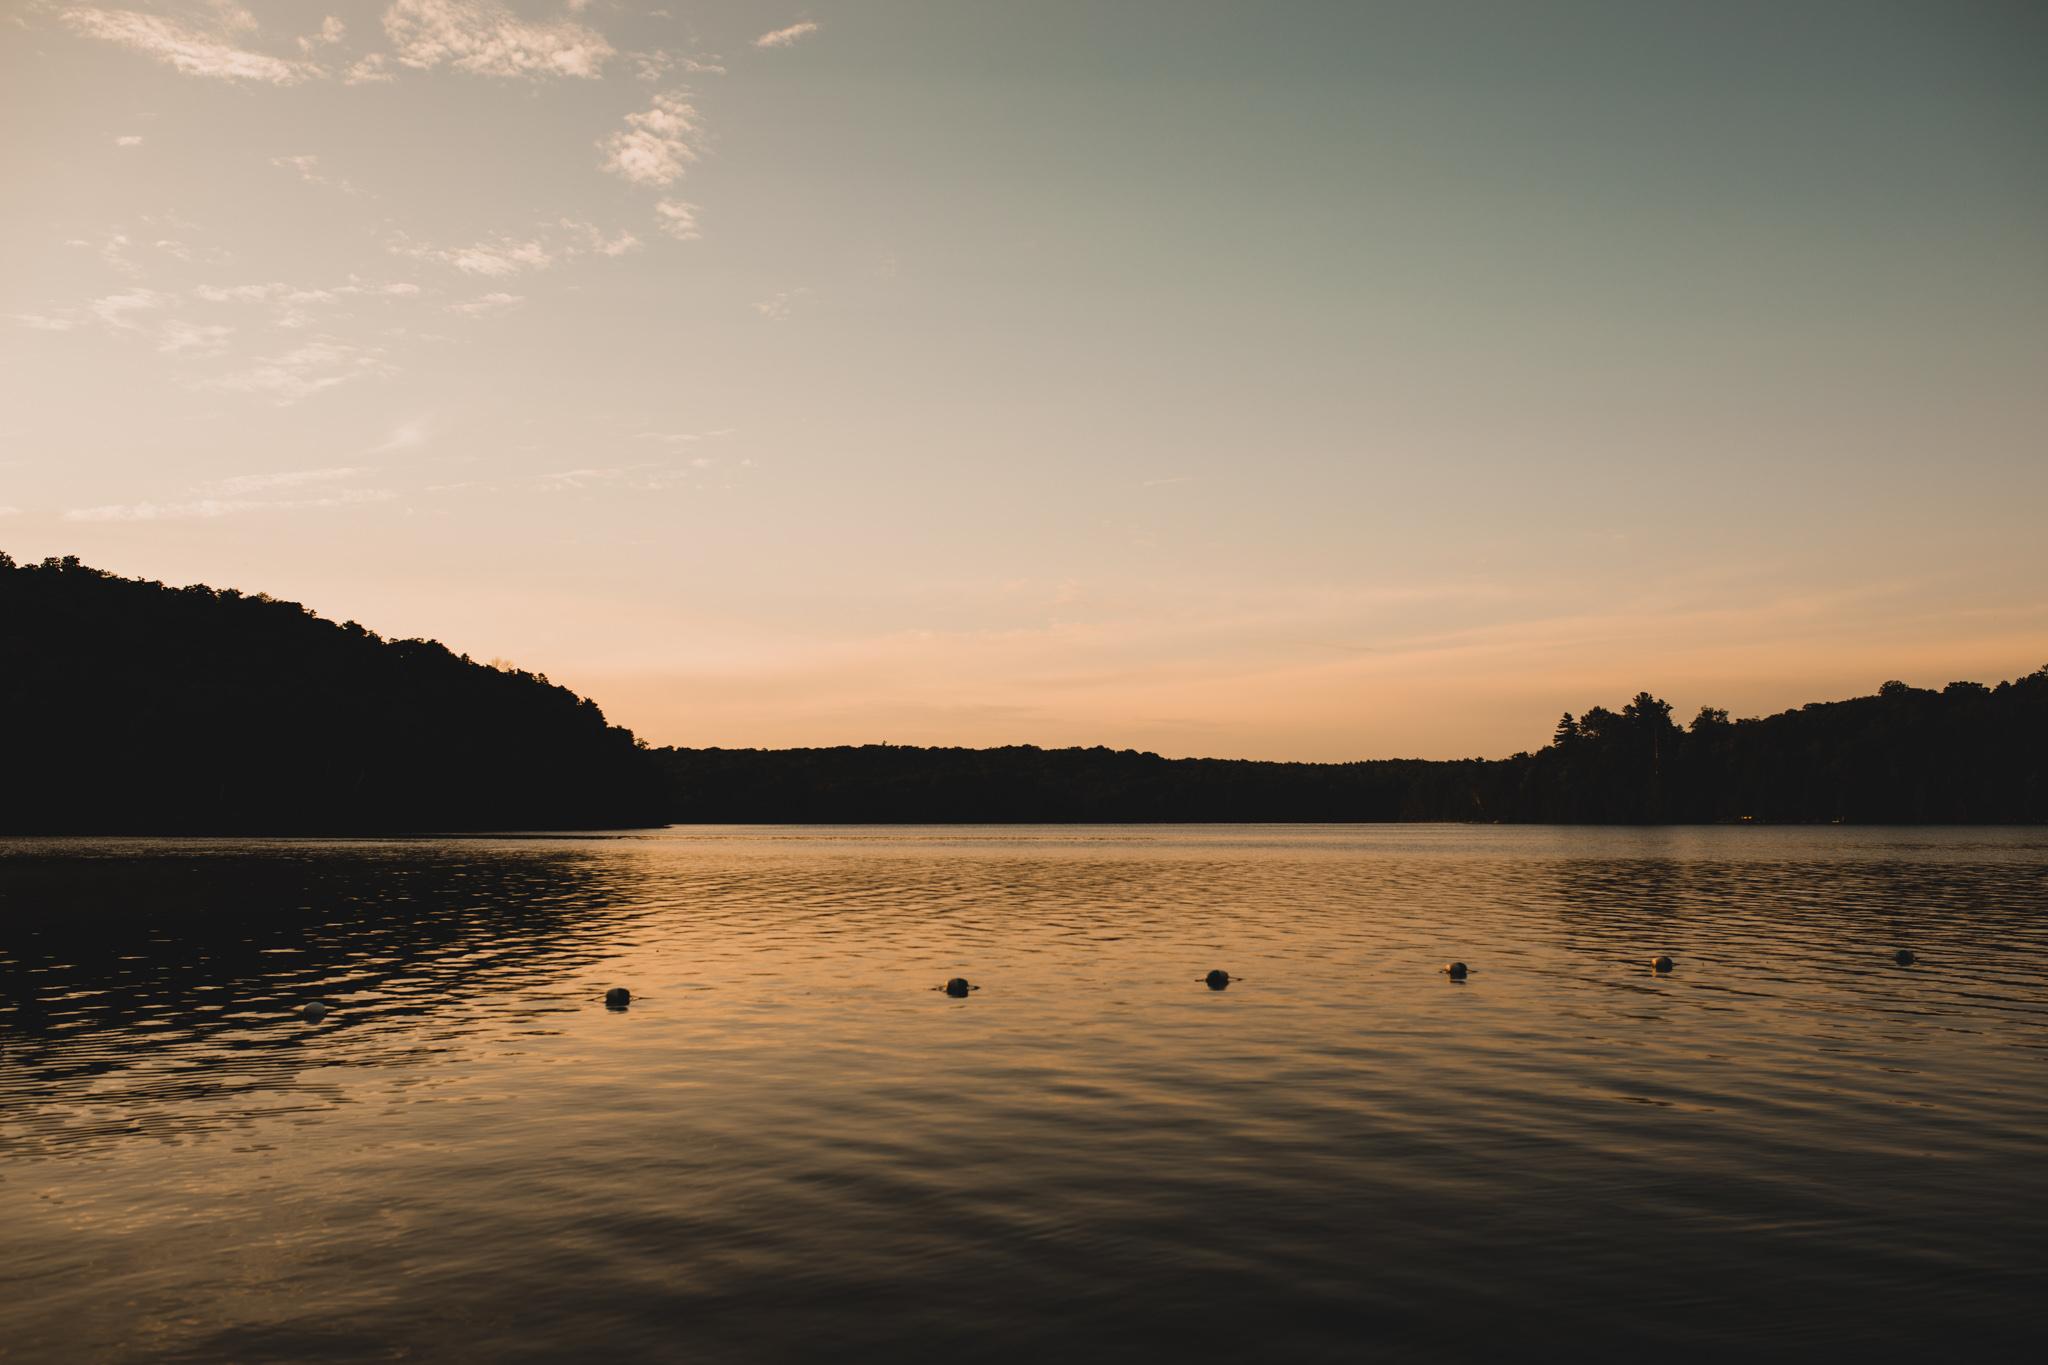 Meech Lake at Sunset, Gatineau Park